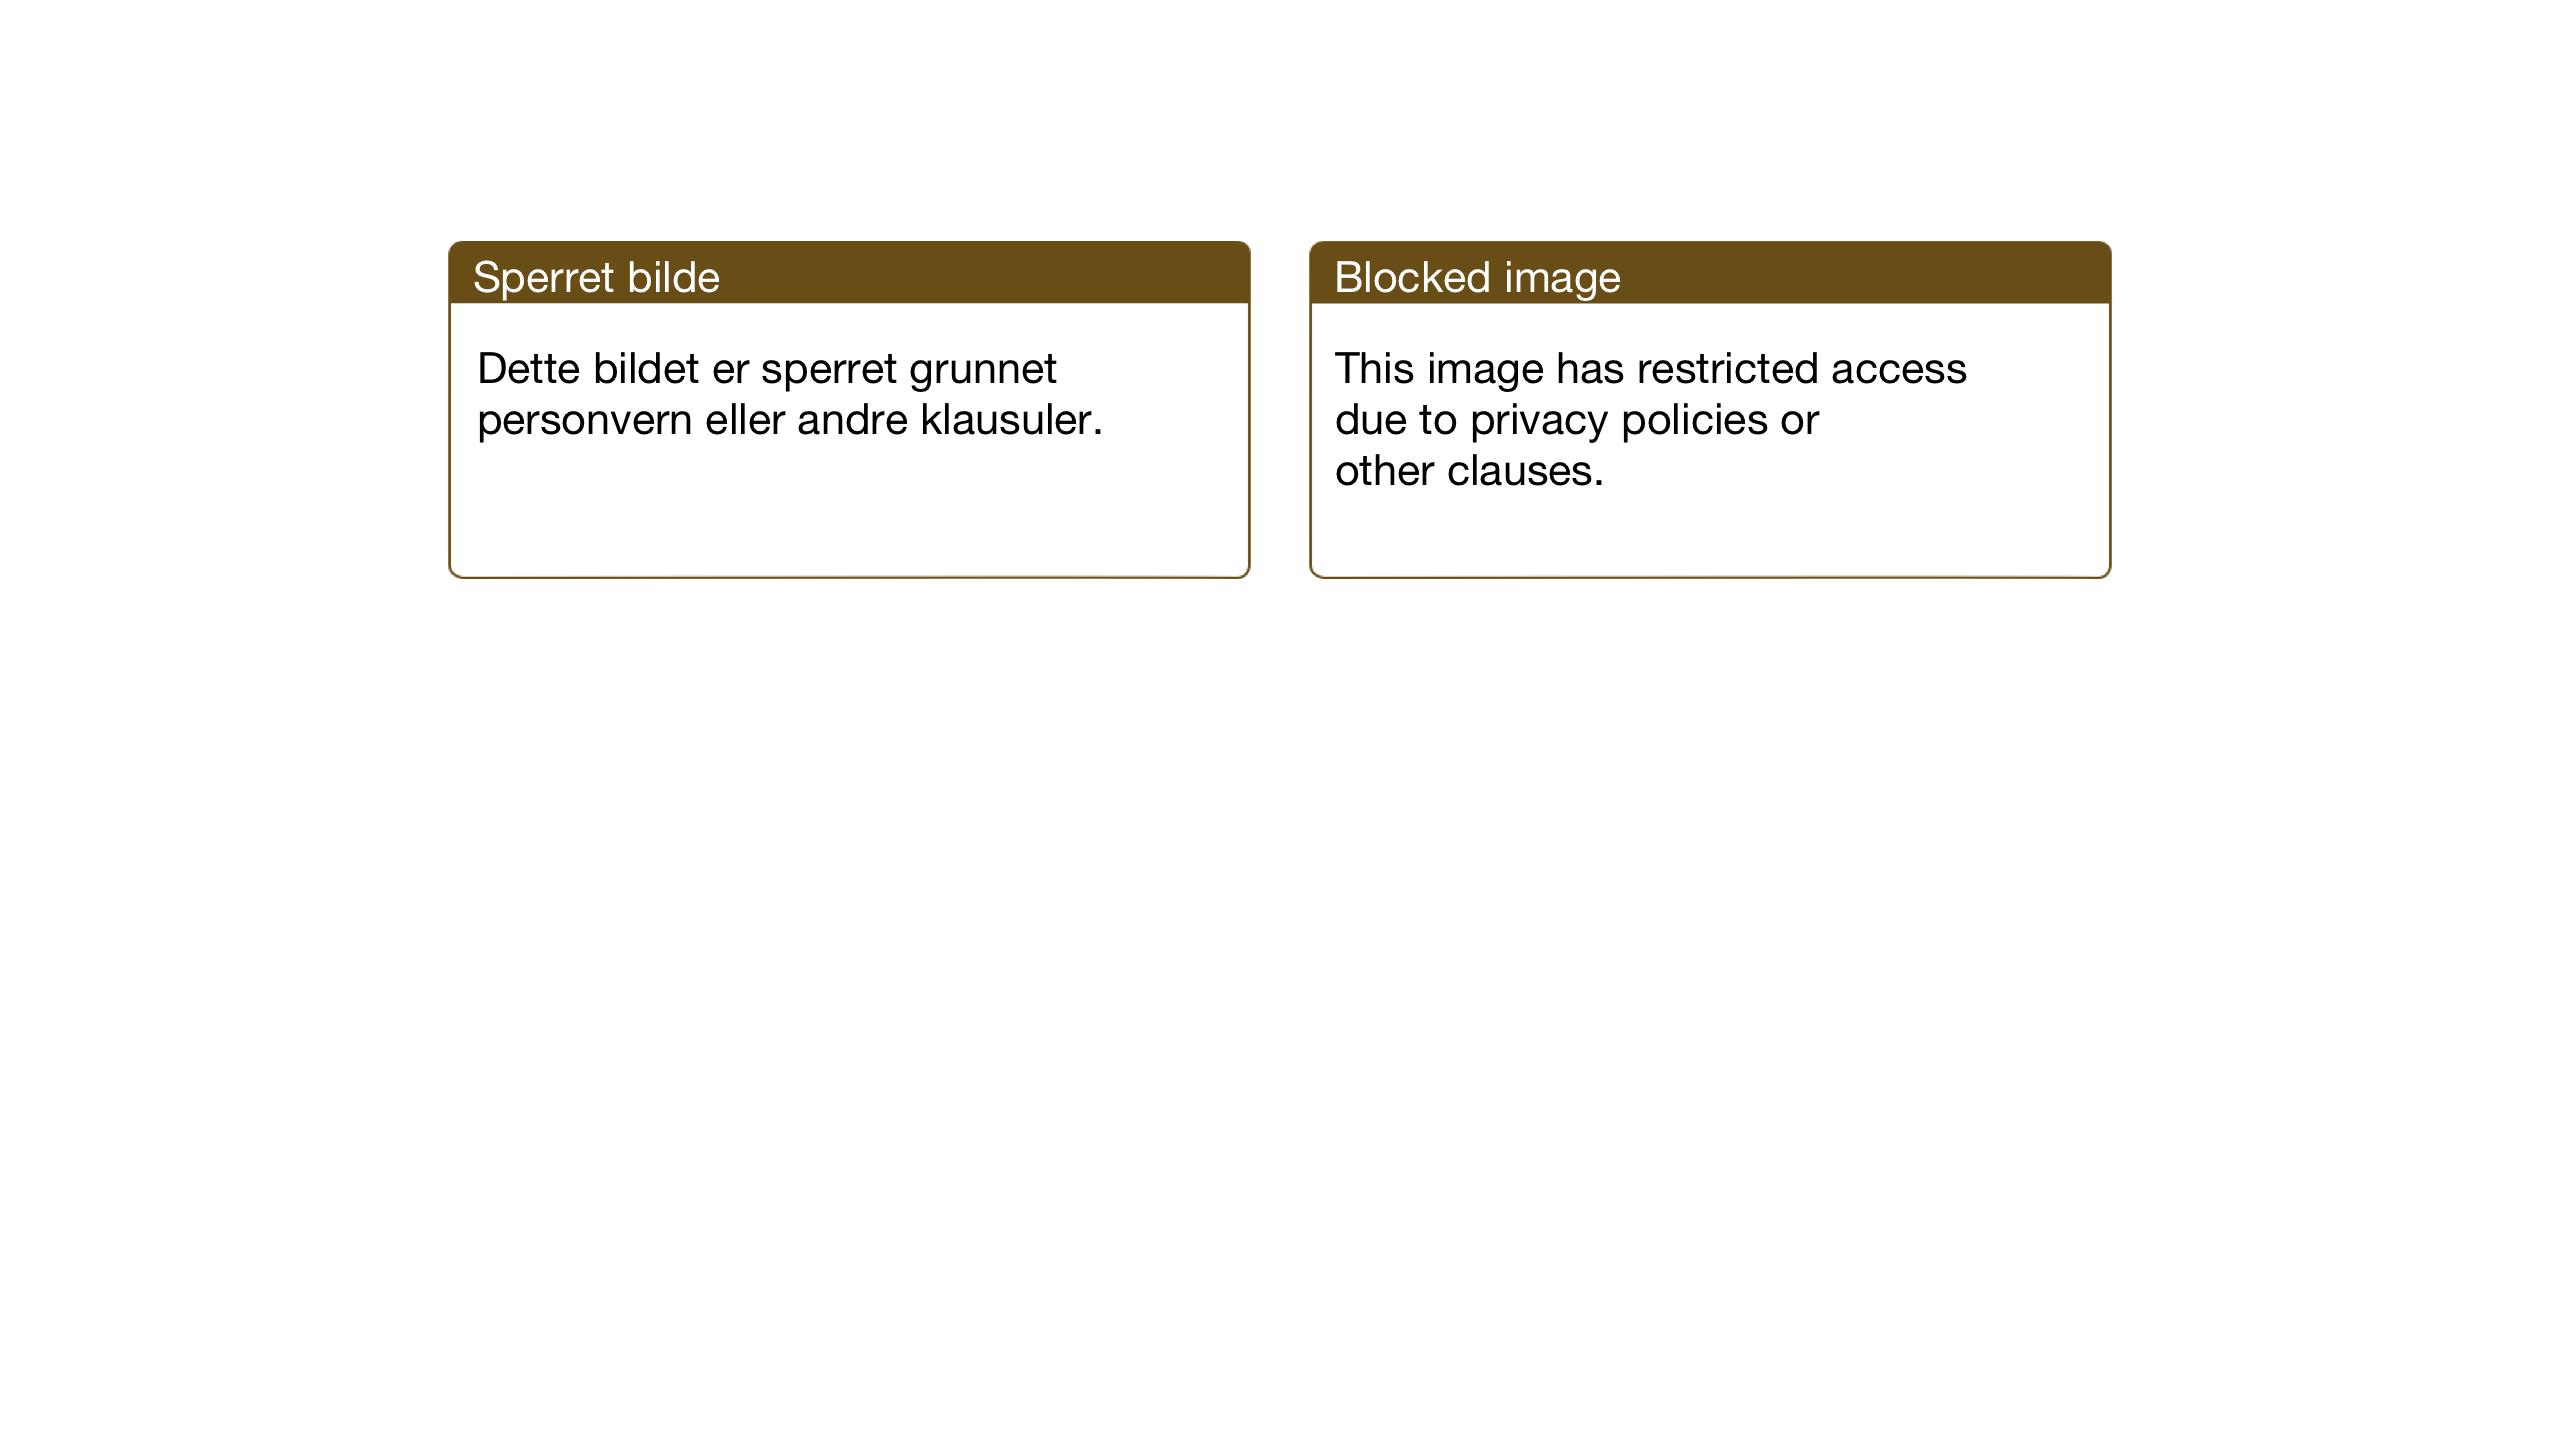 SAT, Ministerialprotokoller, klokkerbøker og fødselsregistre - Nord-Trøndelag, 742/L0413: Klokkerbok nr. 742C04, 1911-1938, s. 66